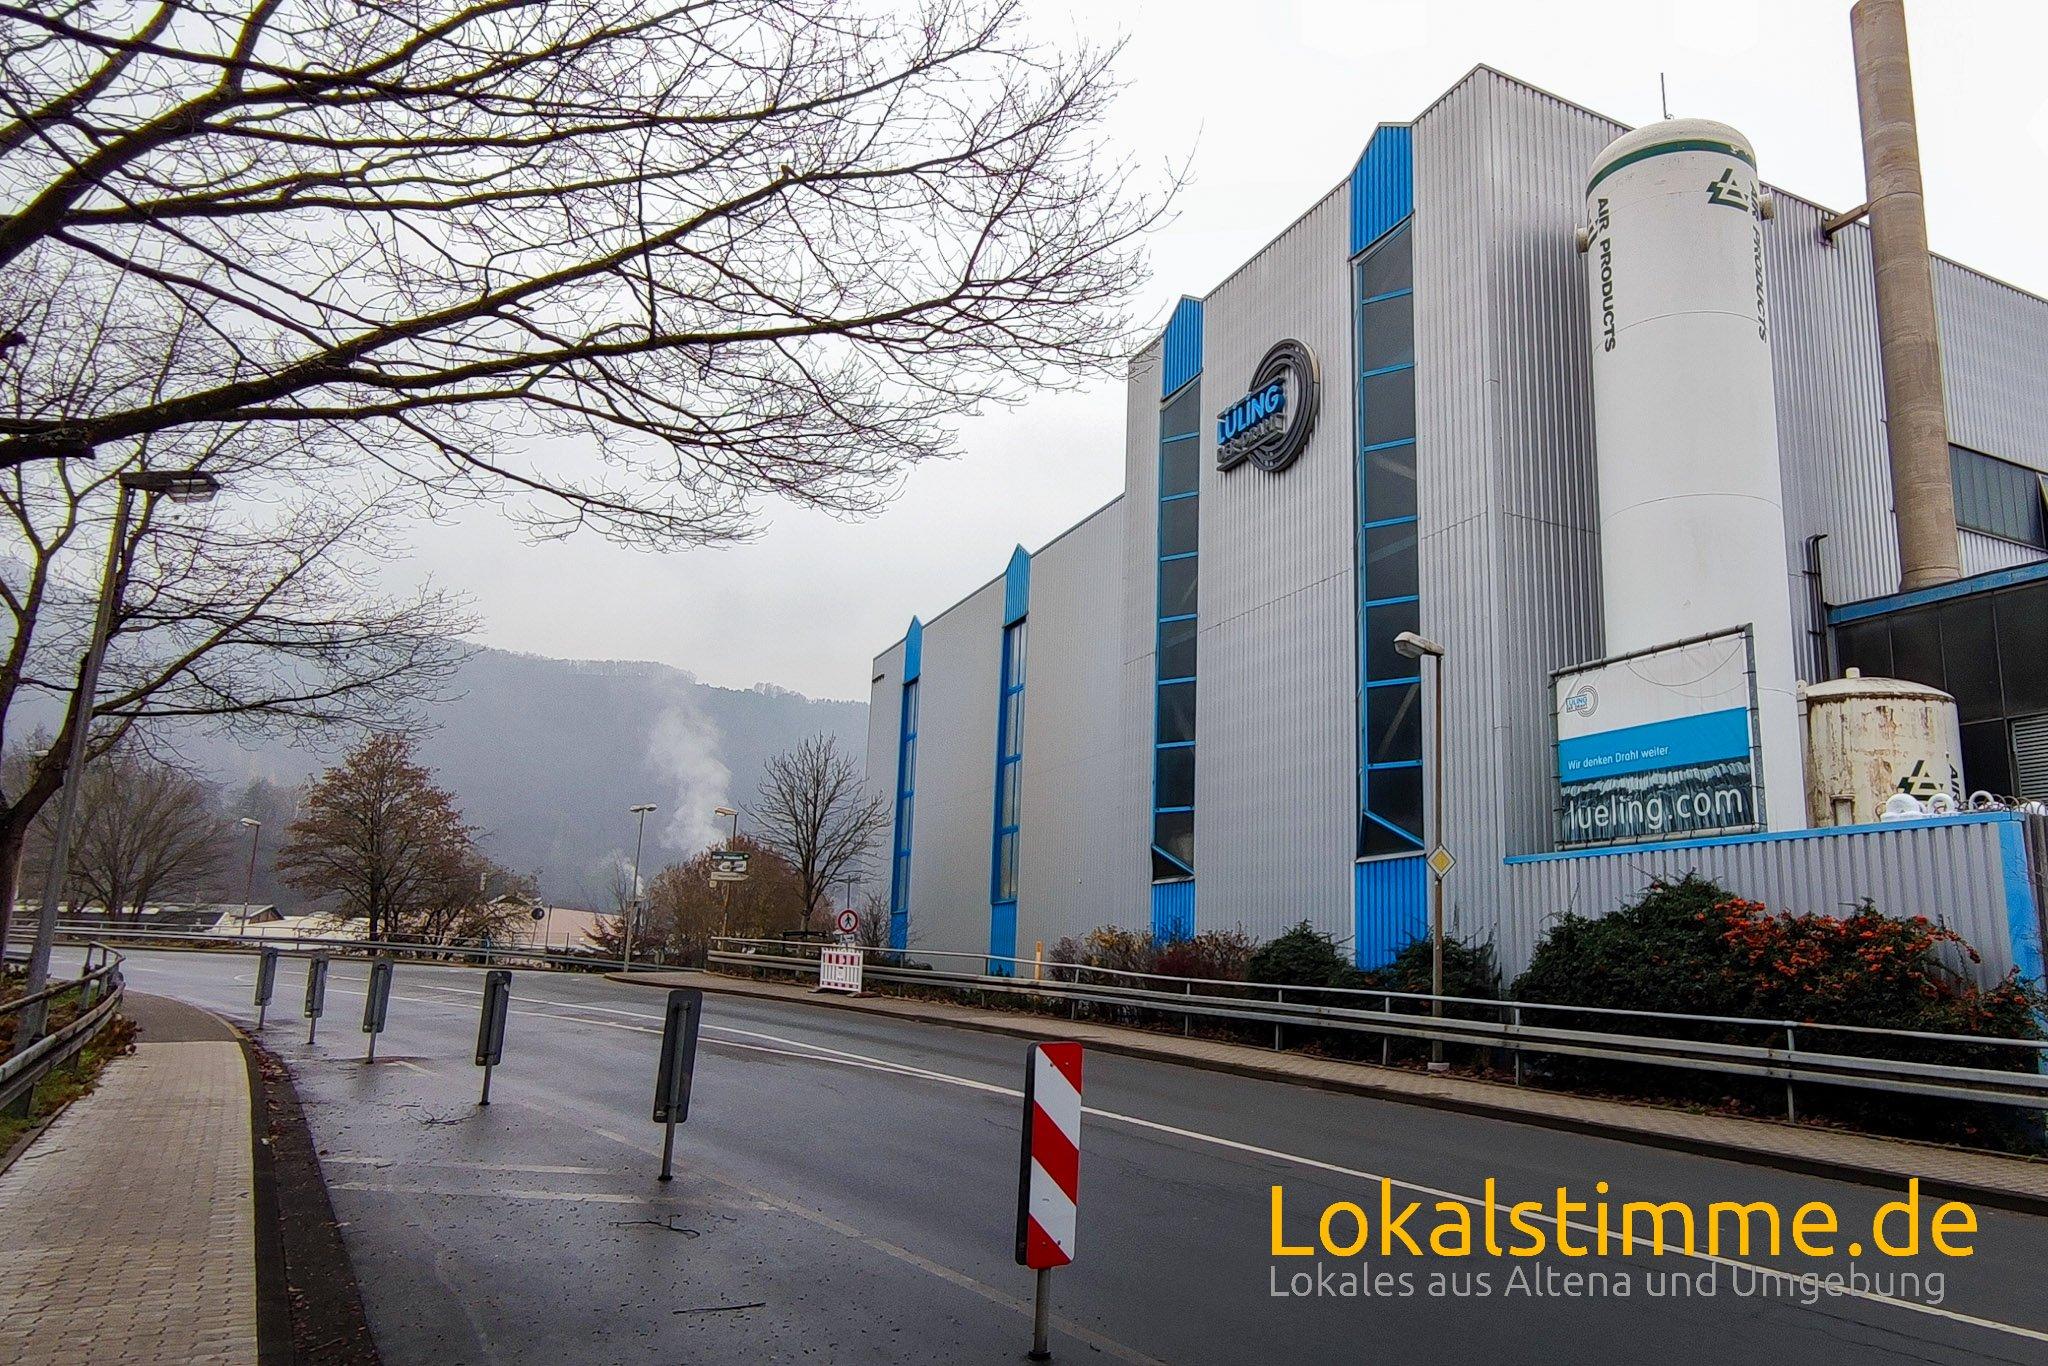 Der Wasserstoffbehälter wird demontiert. Dafür muss die Linscheidstraße in Altena voll gesperrt werden.